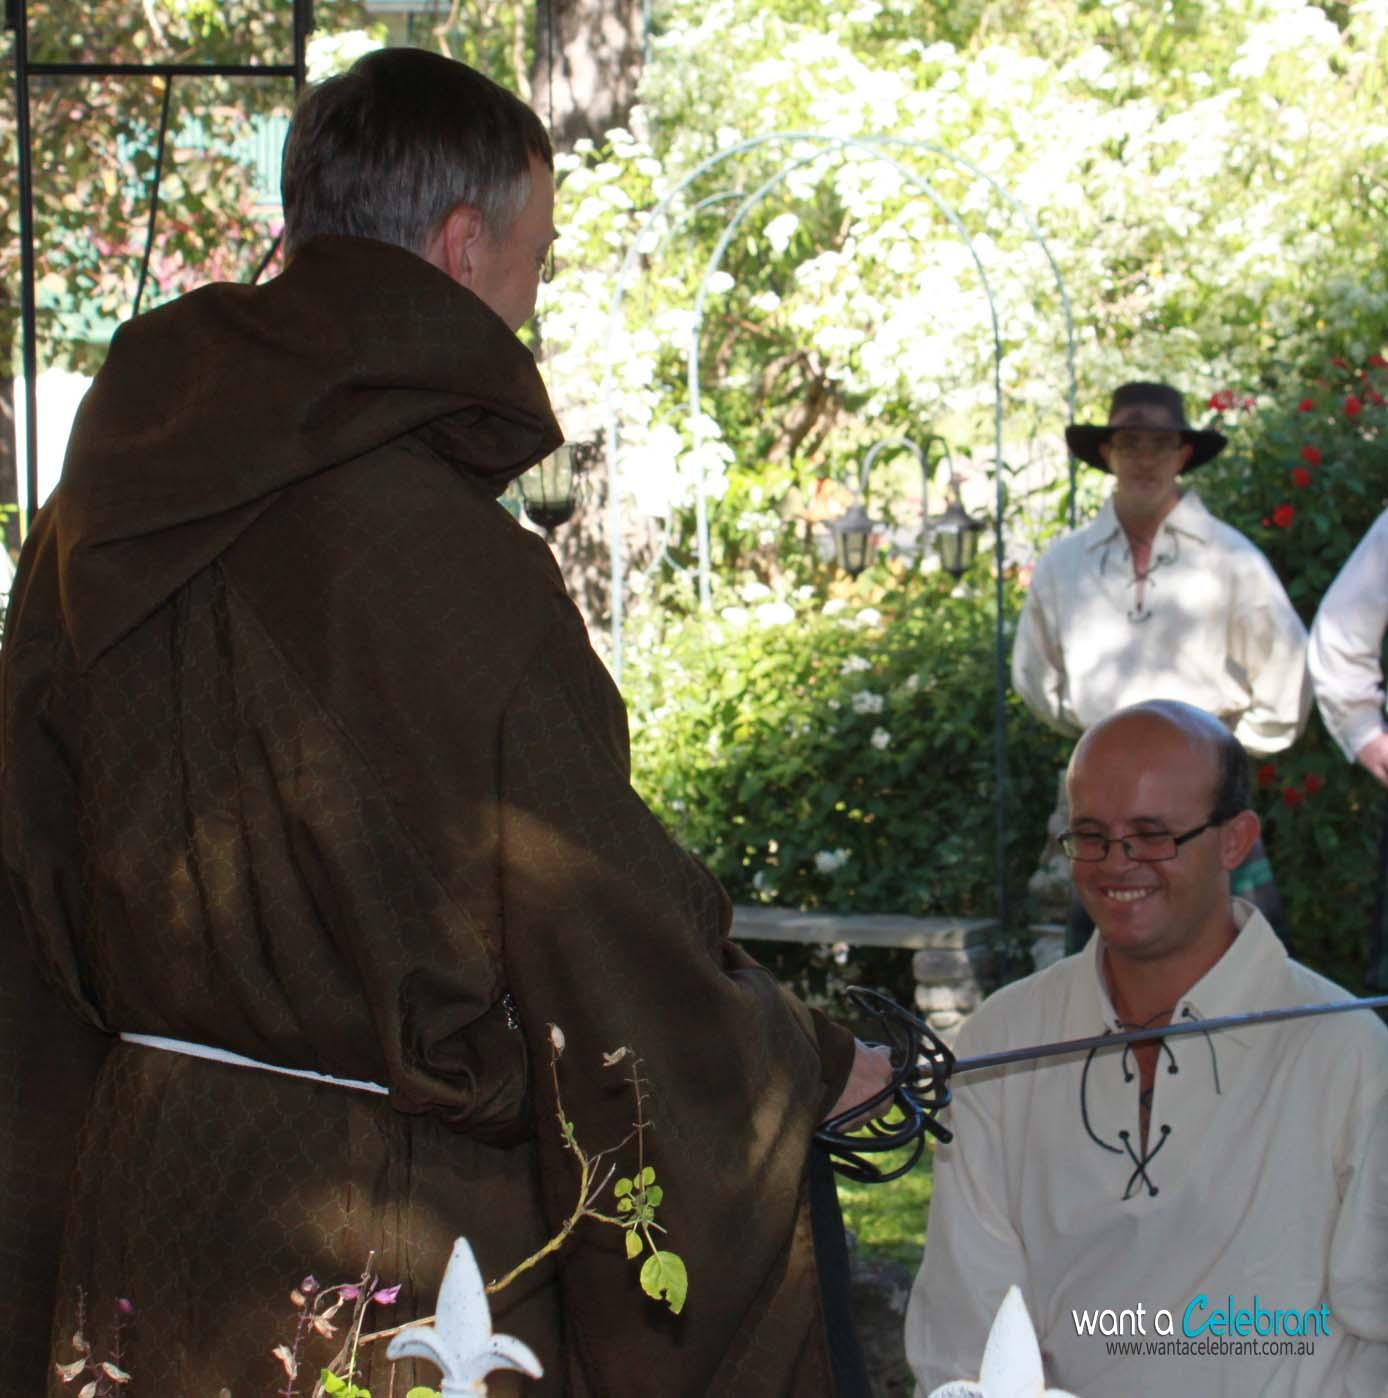 knighting a groomsman